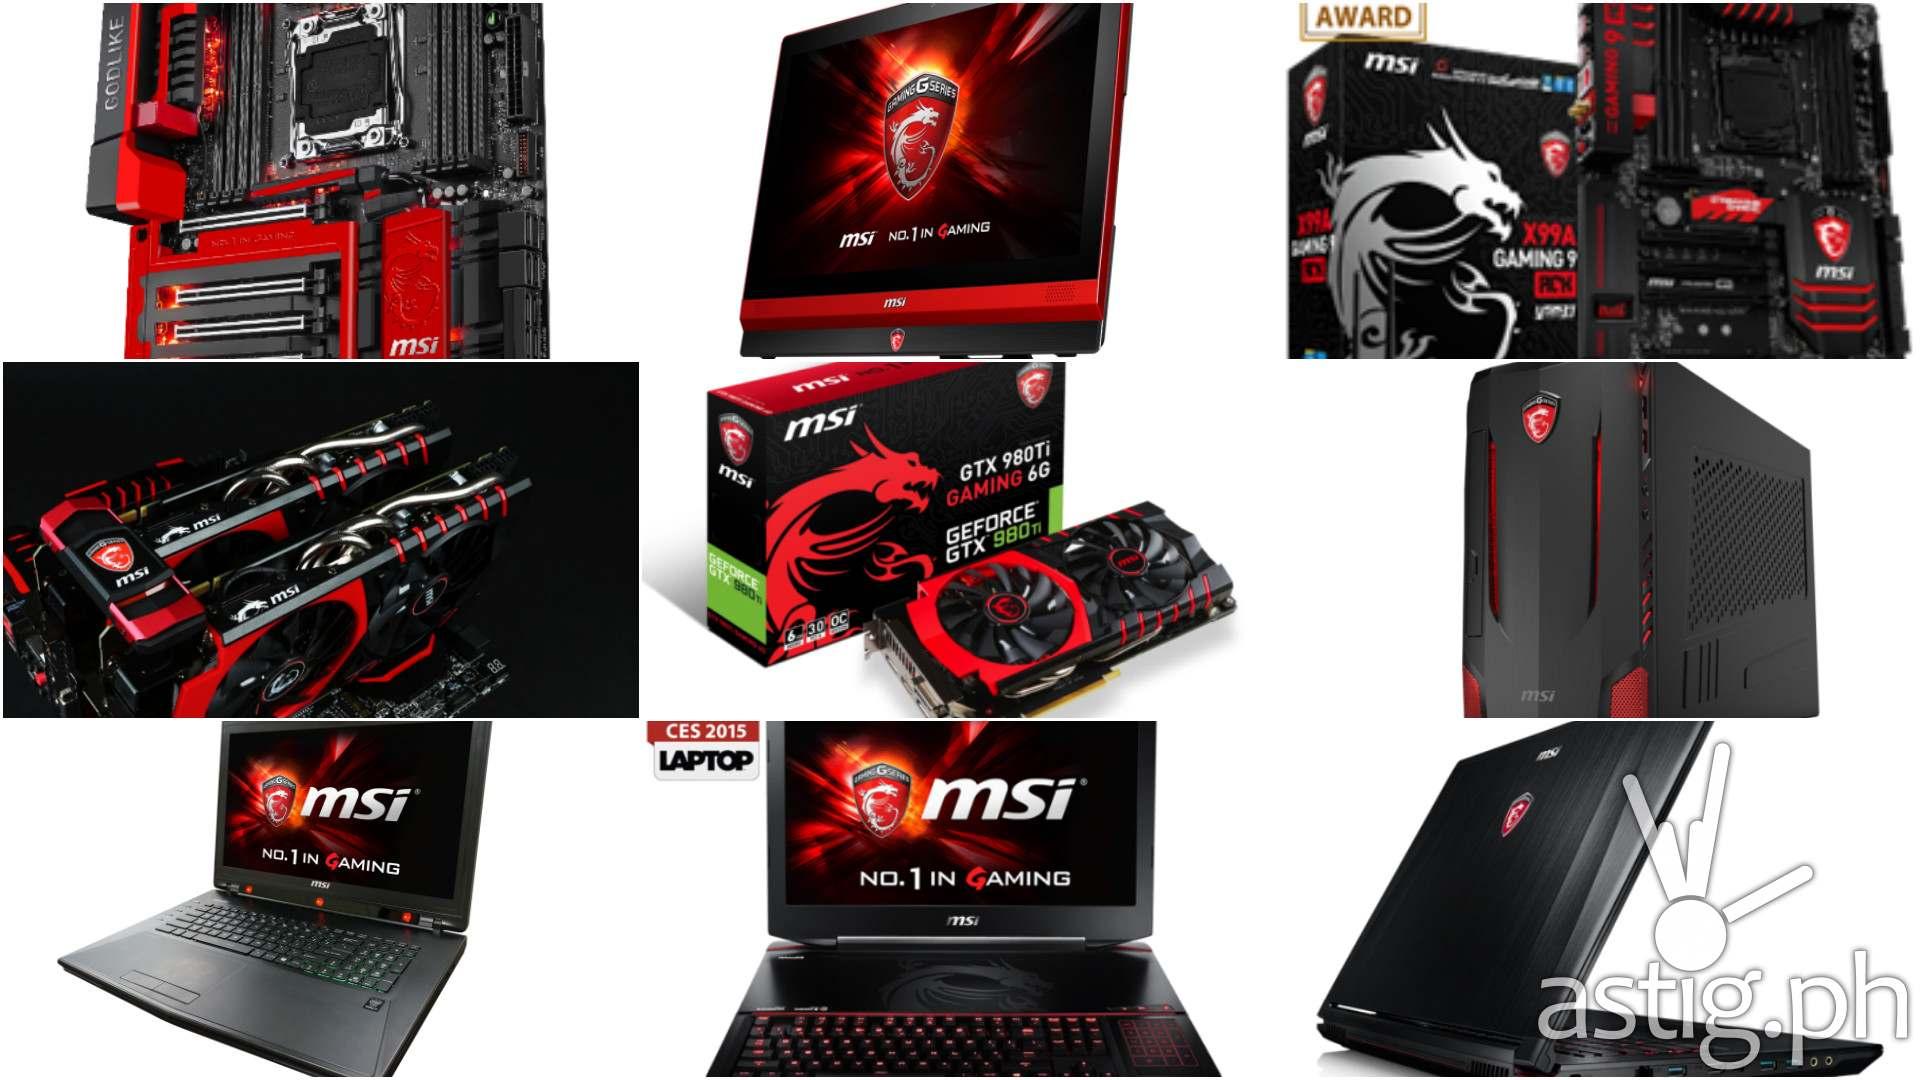 MSI Gaming hardware